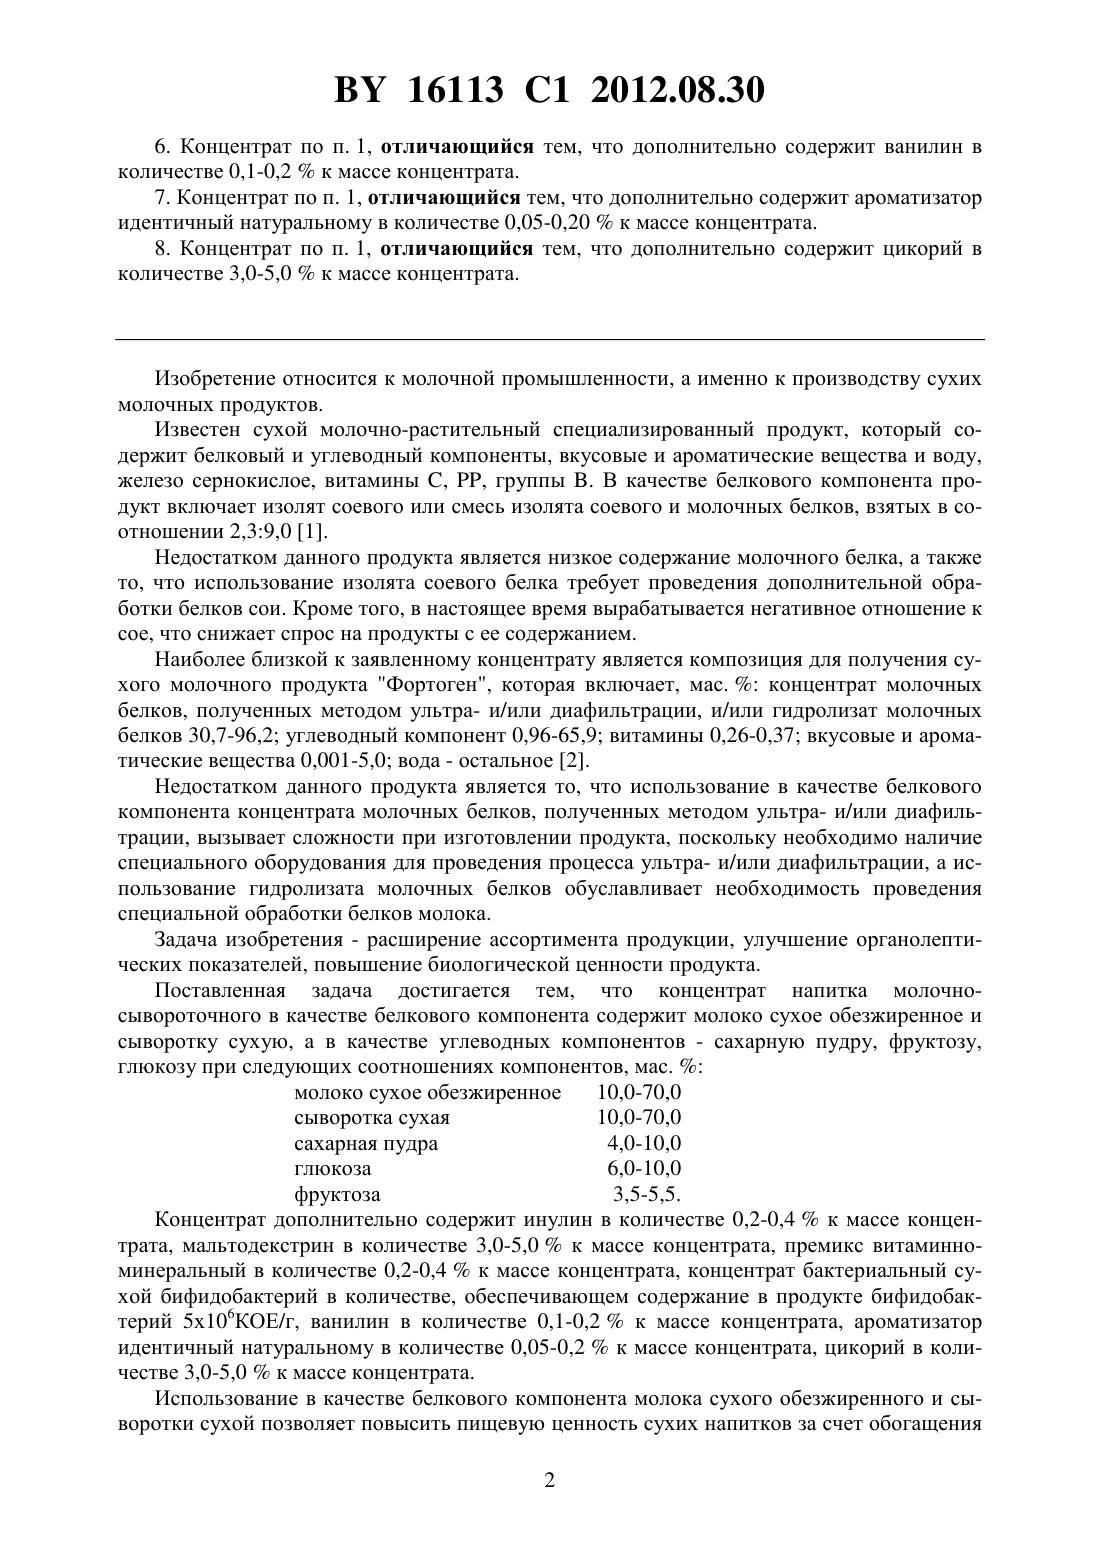 Изолят соевого белка: отзывы, состав, применение - tony.ru